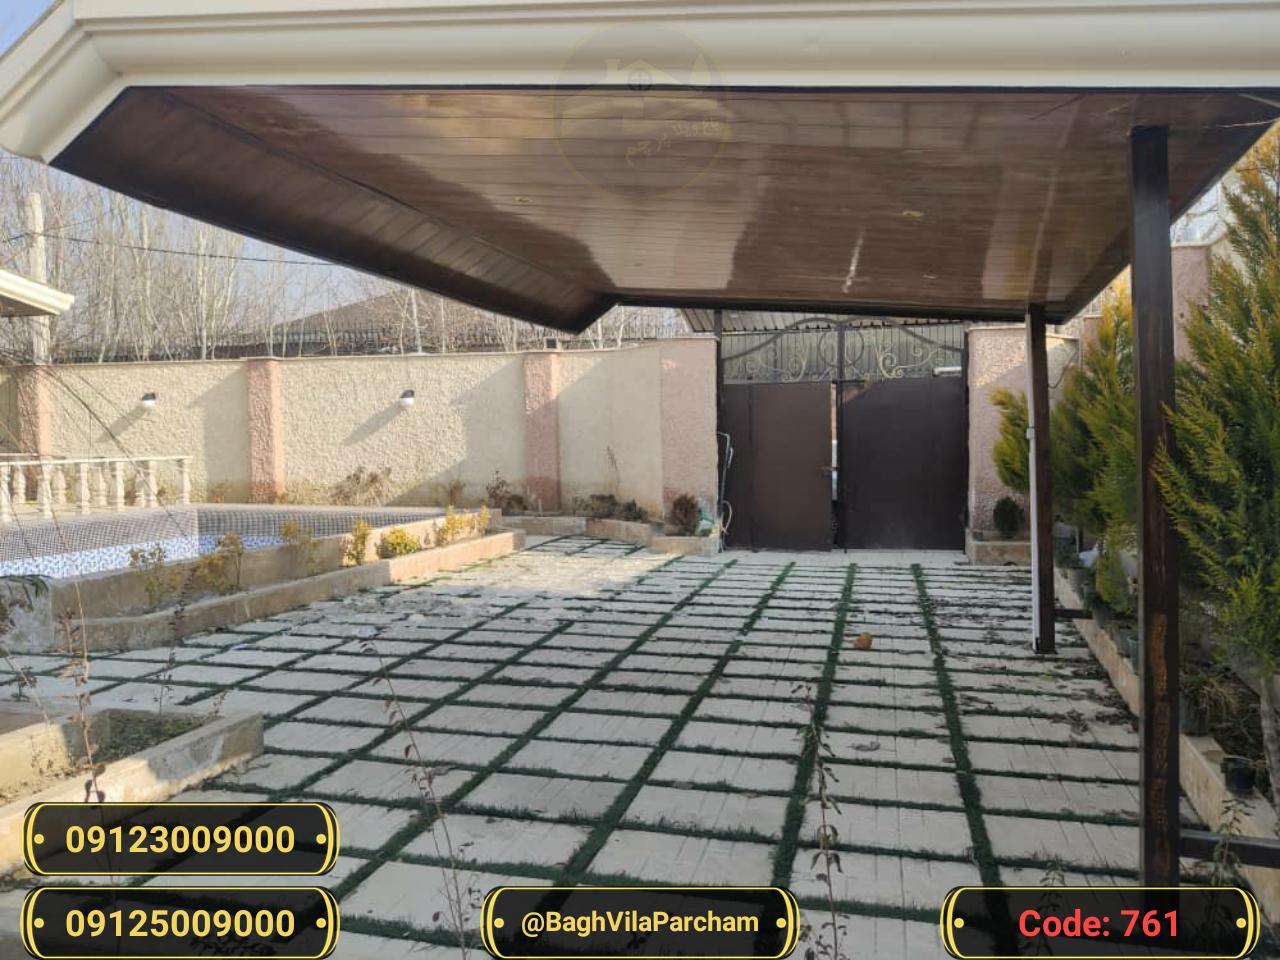 تصویر عکس باغ ویلا شماره 4 از ویلای ۵۰۰ متر ویلا کلاسیک Picture photo image 4 of ۵۰۰ متر ویلا کلاسیک